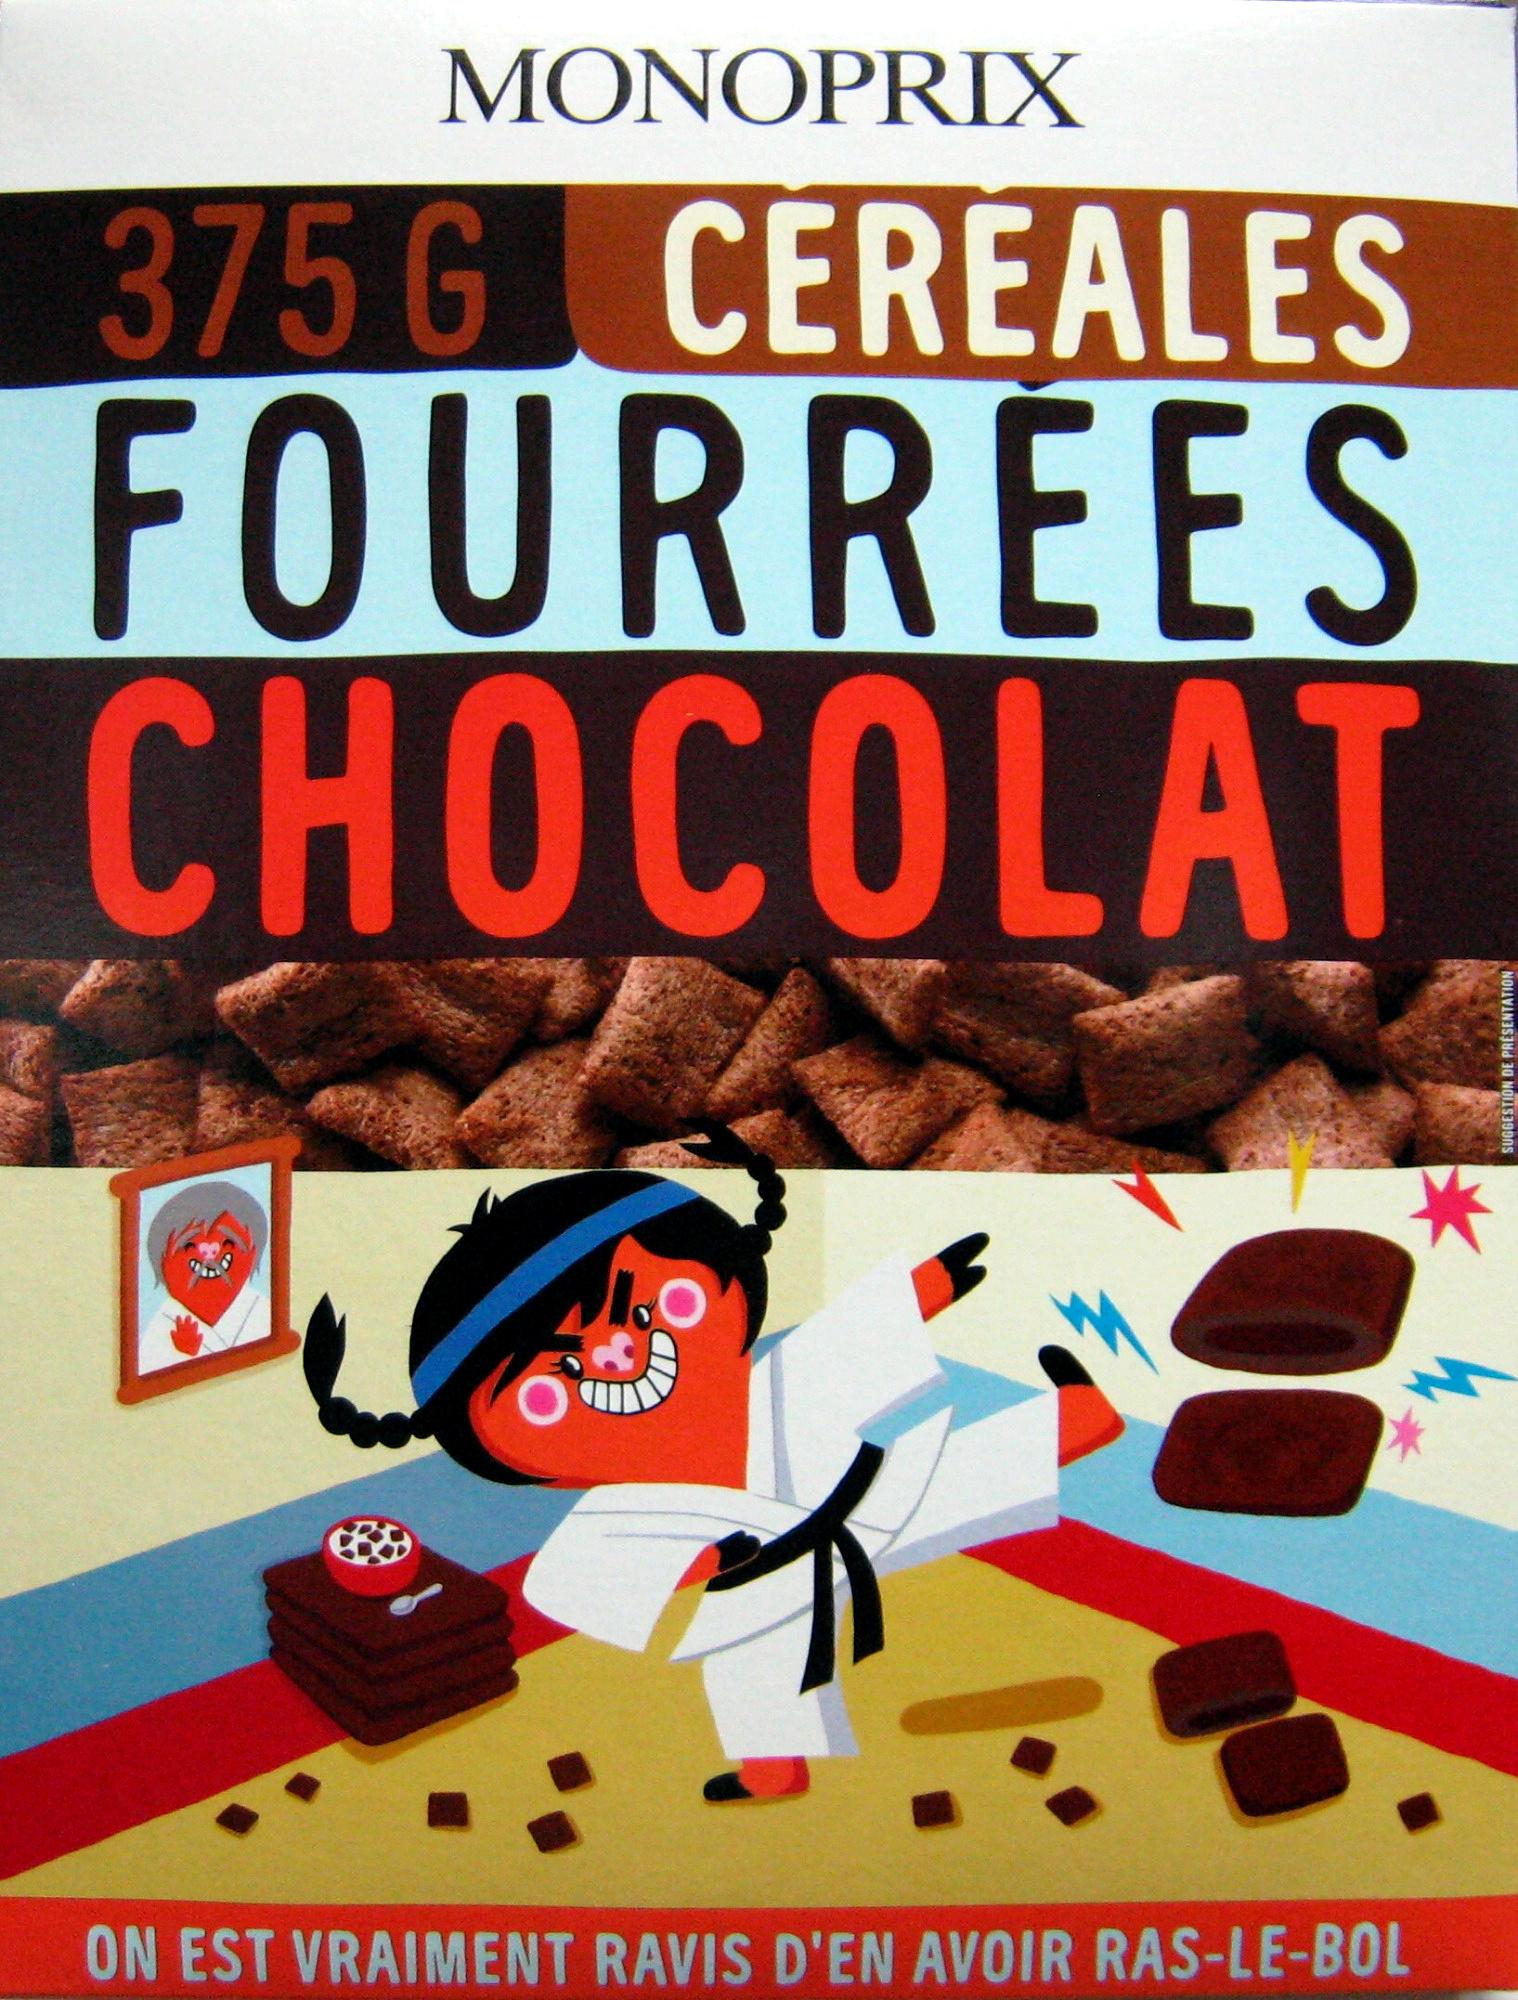 Céréales fourrées chocolat - Produit